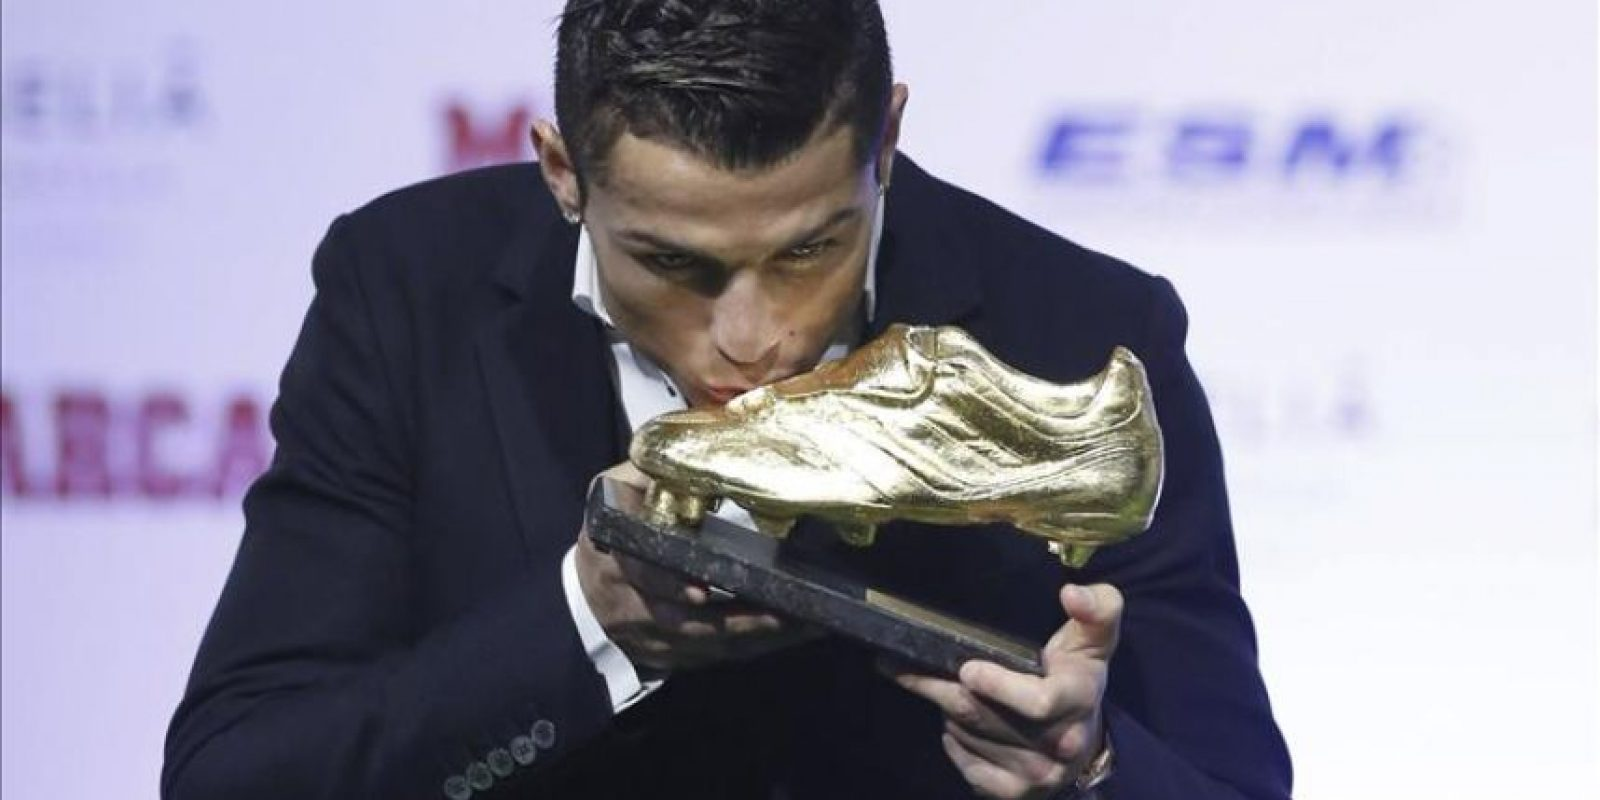 El delantero portugués del Real Madrid, Cristiano Ronaldo, besa la Bota de Oro 2013-2014, tras recibir el trofeo de manos del presidente del club, Florentino Pérez. EFE